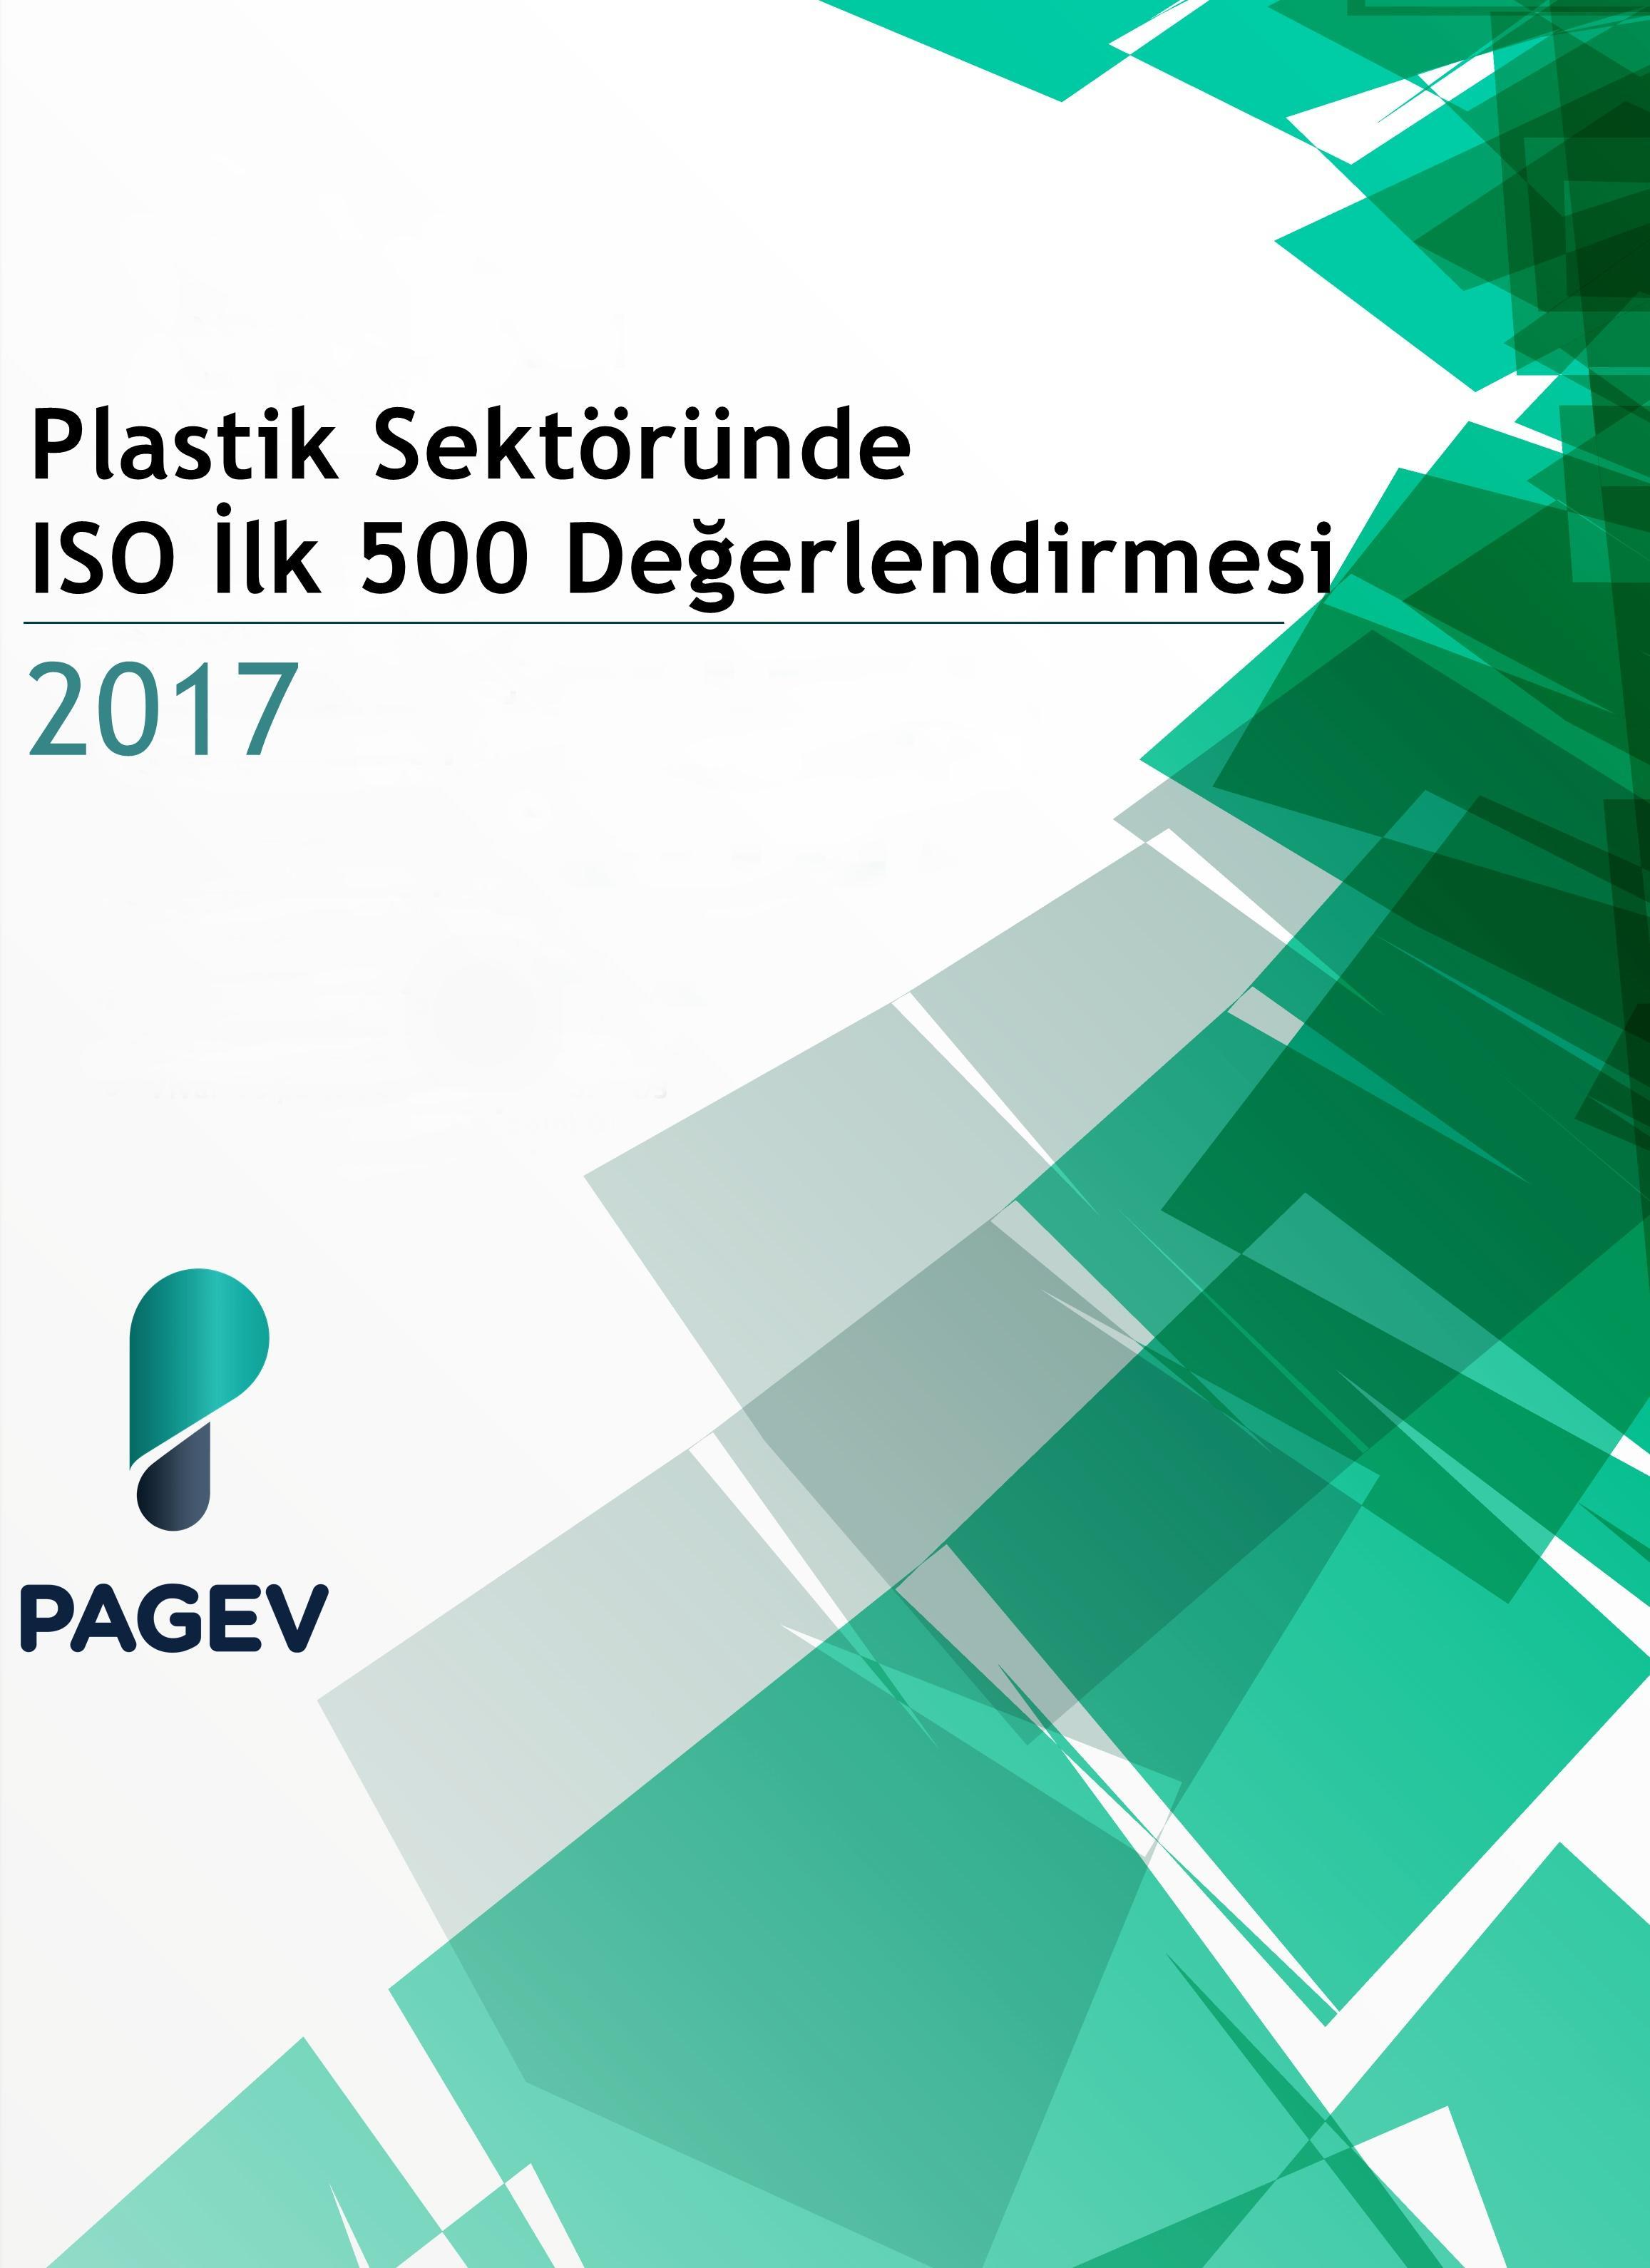 Plastik Sektöründe ISO İlk 500 Firma Değerlendirmesi-2017